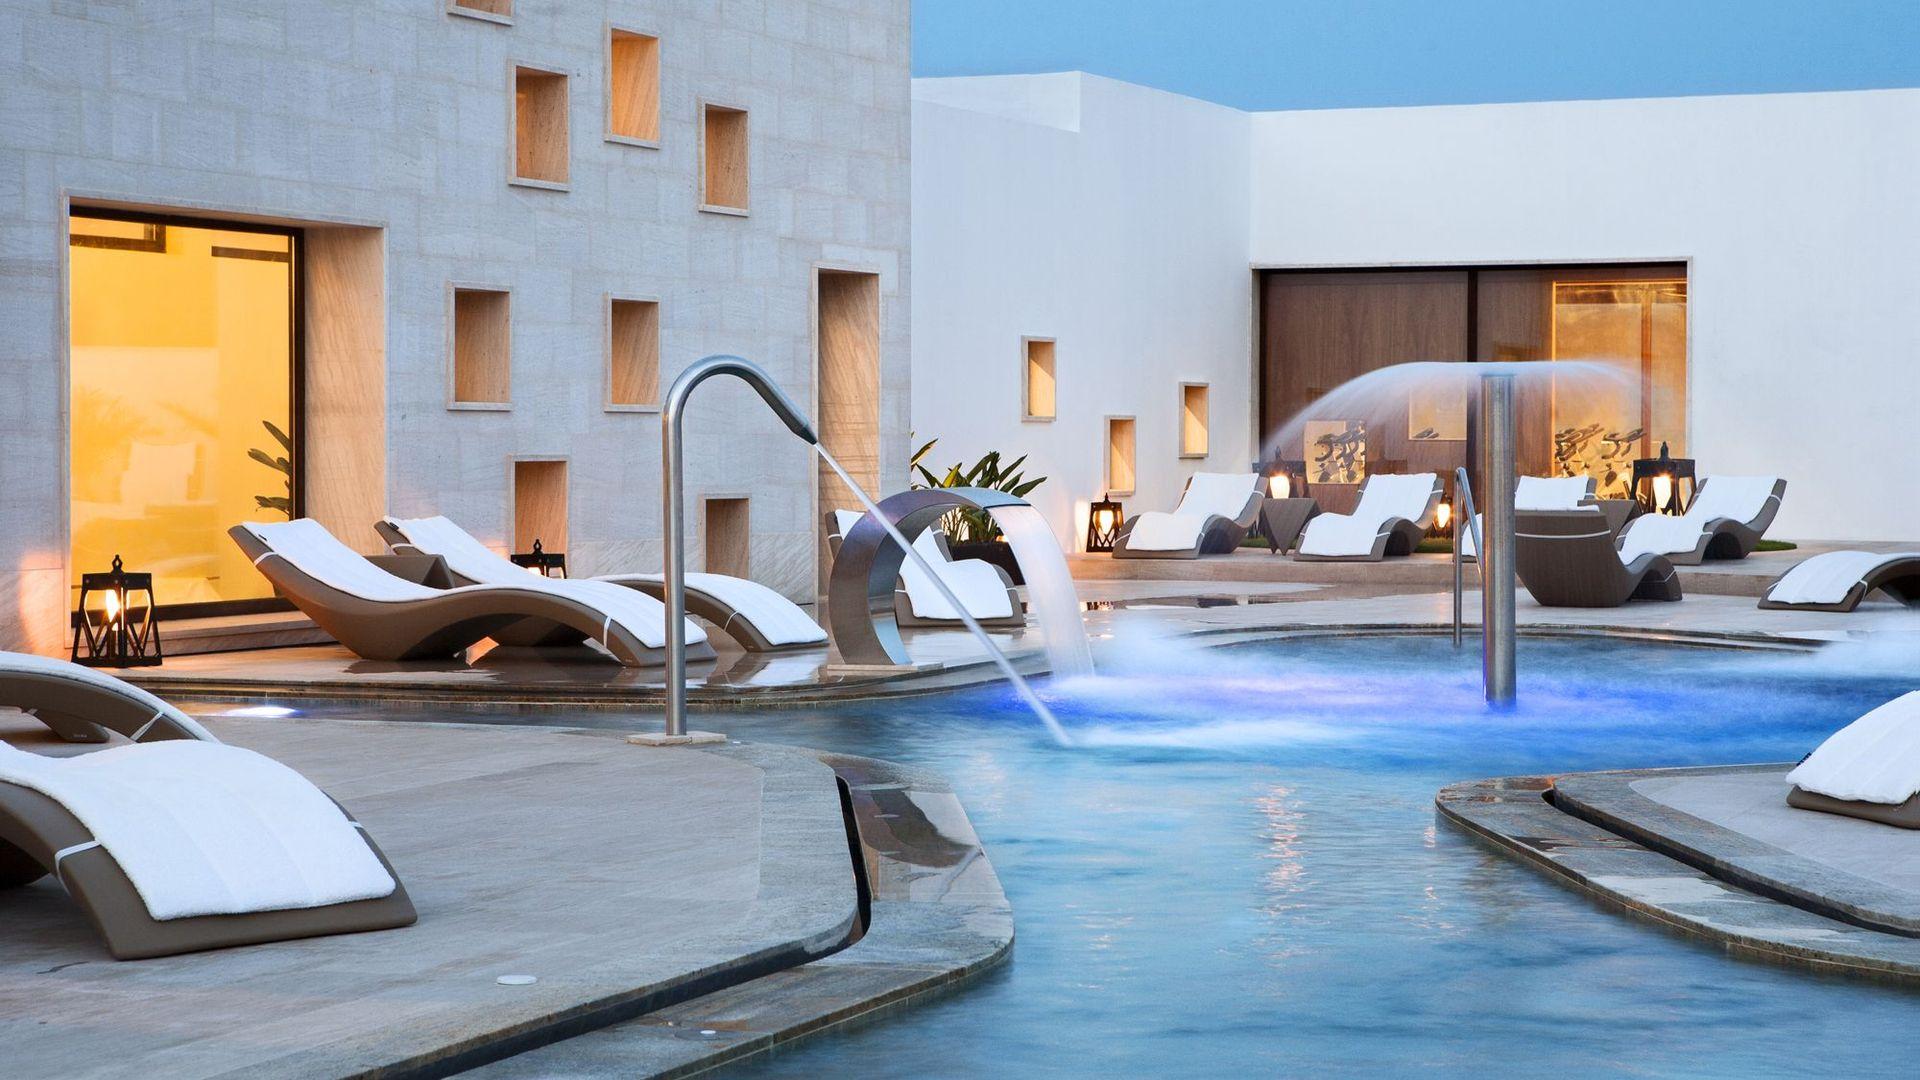 Grand Palladium Palace Ibiza Resort & Spa Ibiza